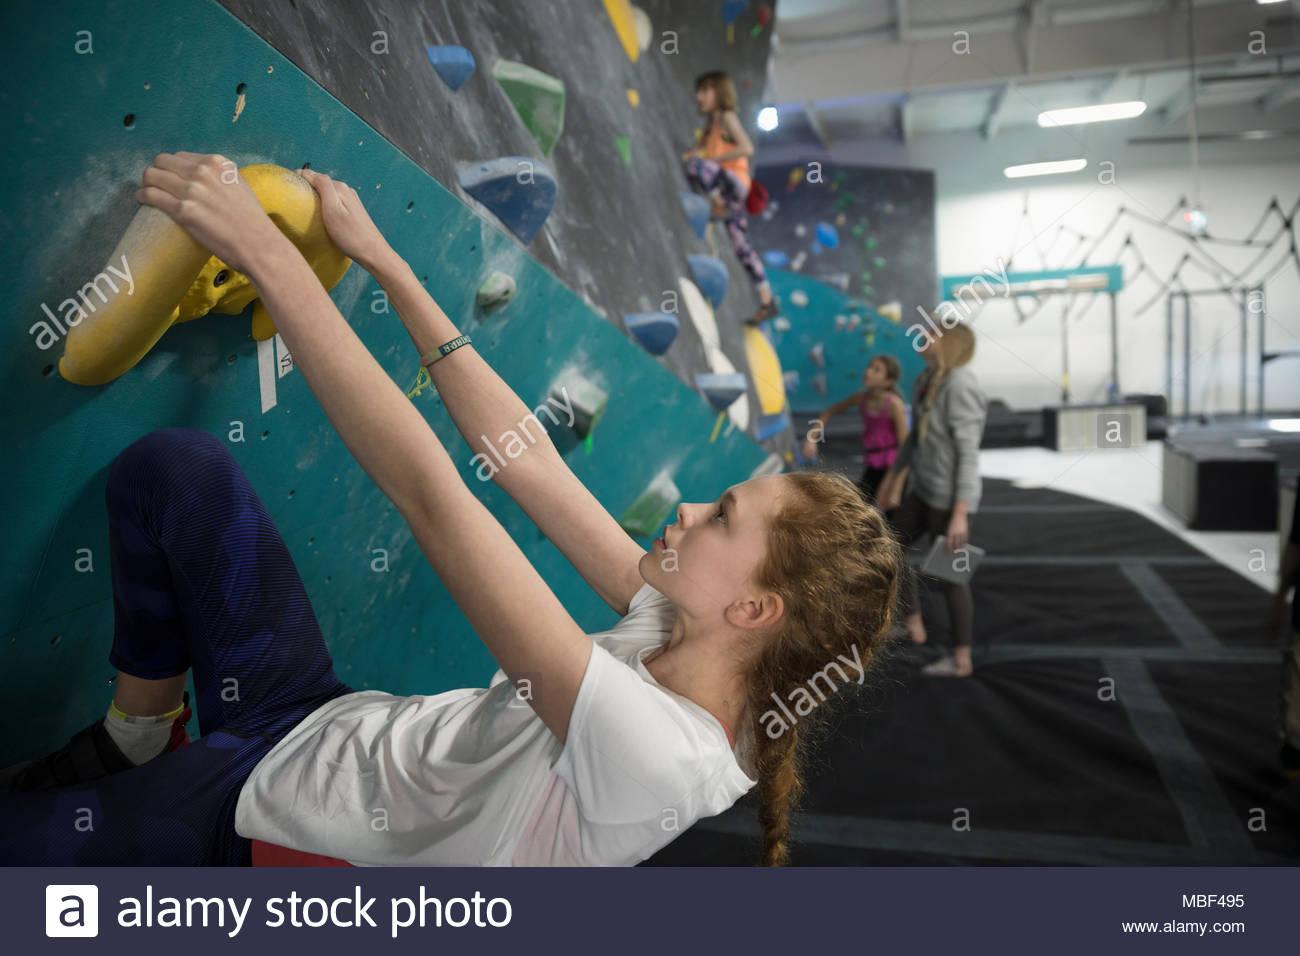 Concentrati, ragazza forte scalatore di parete di arrampicata in palestra di arrampicata Immagini Stock